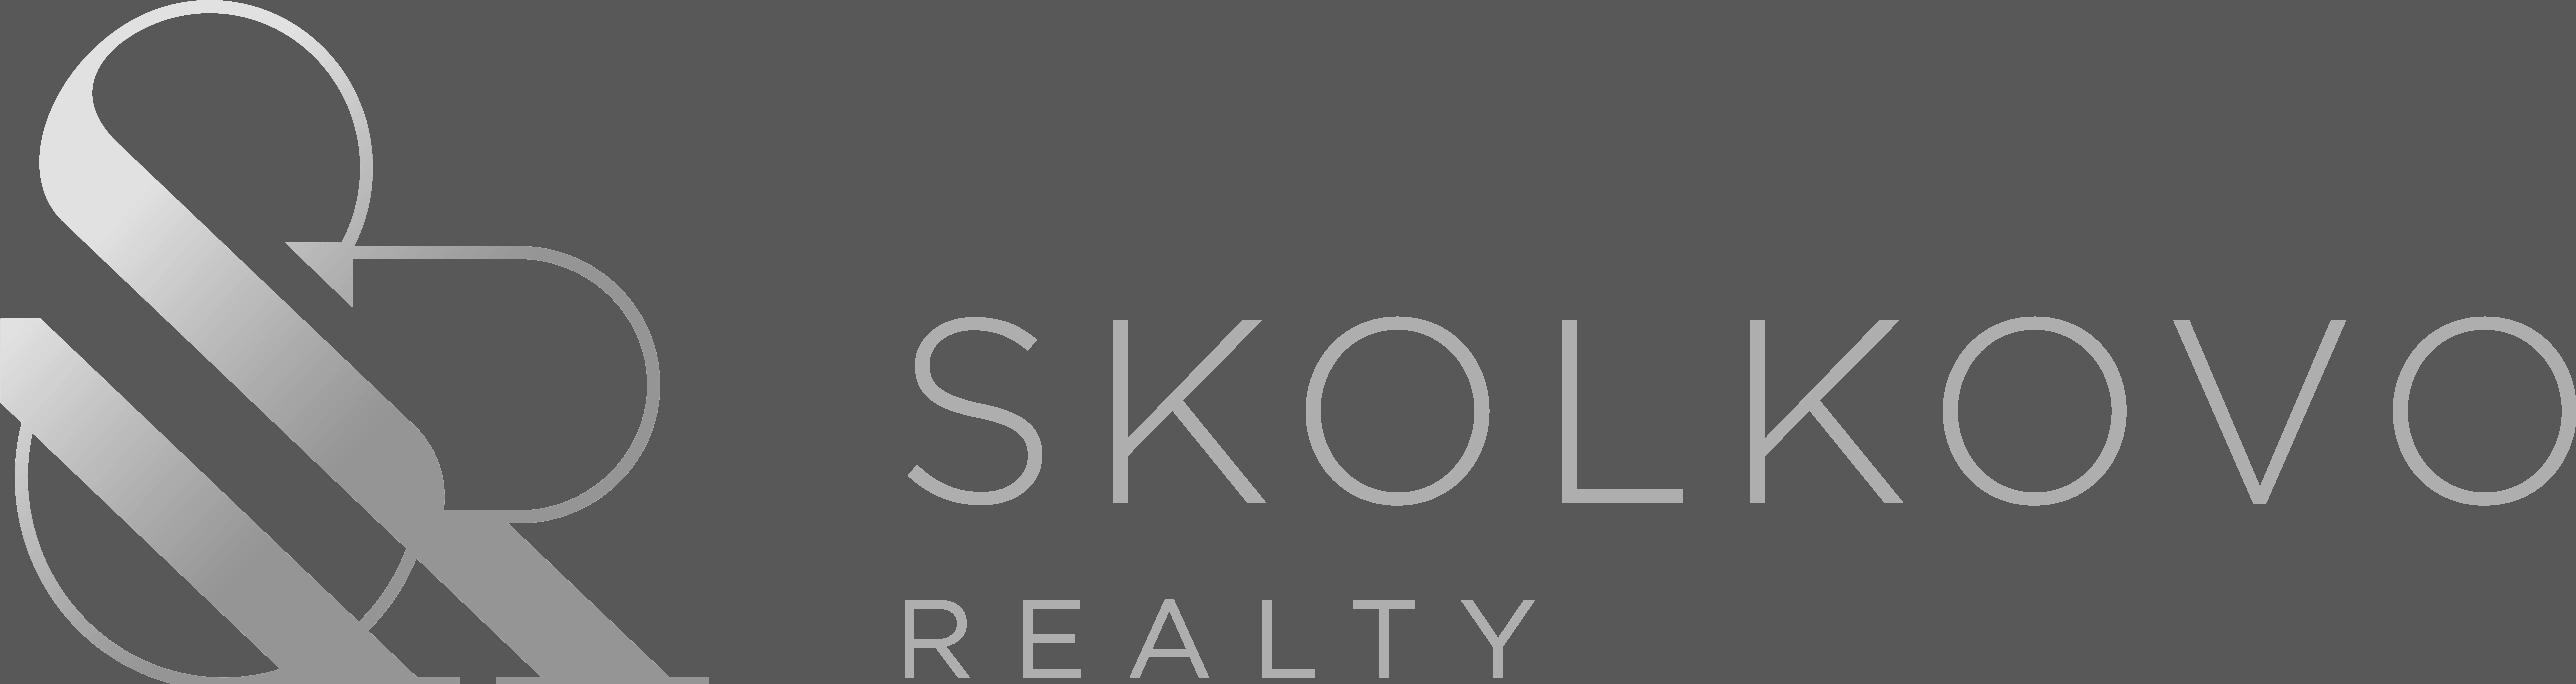 Skolkovo Realty